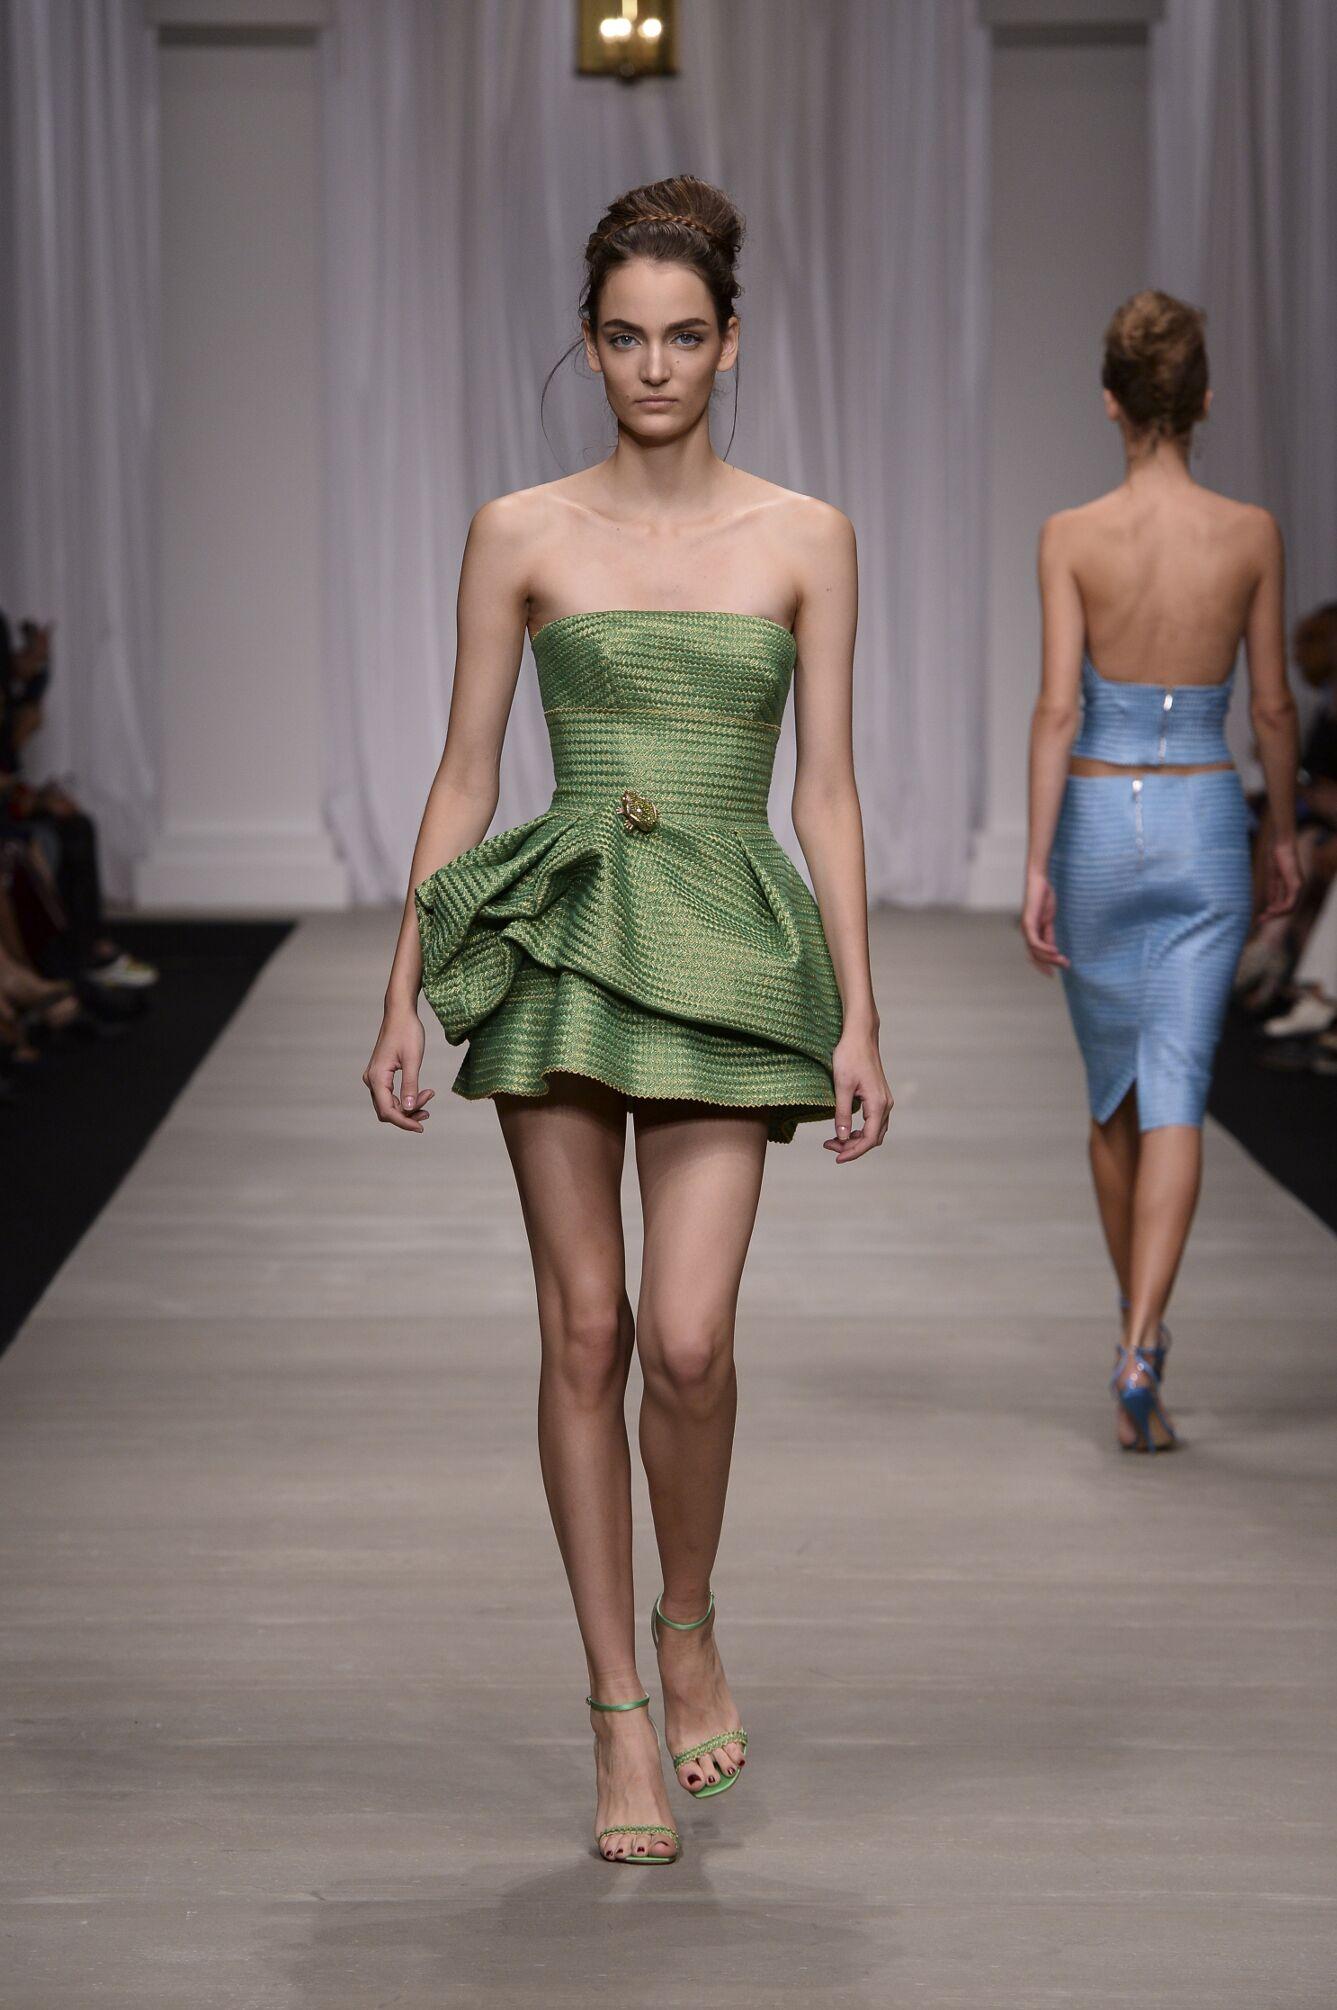 Spring Summer 2015 Fashion Model Ermanno Scervino